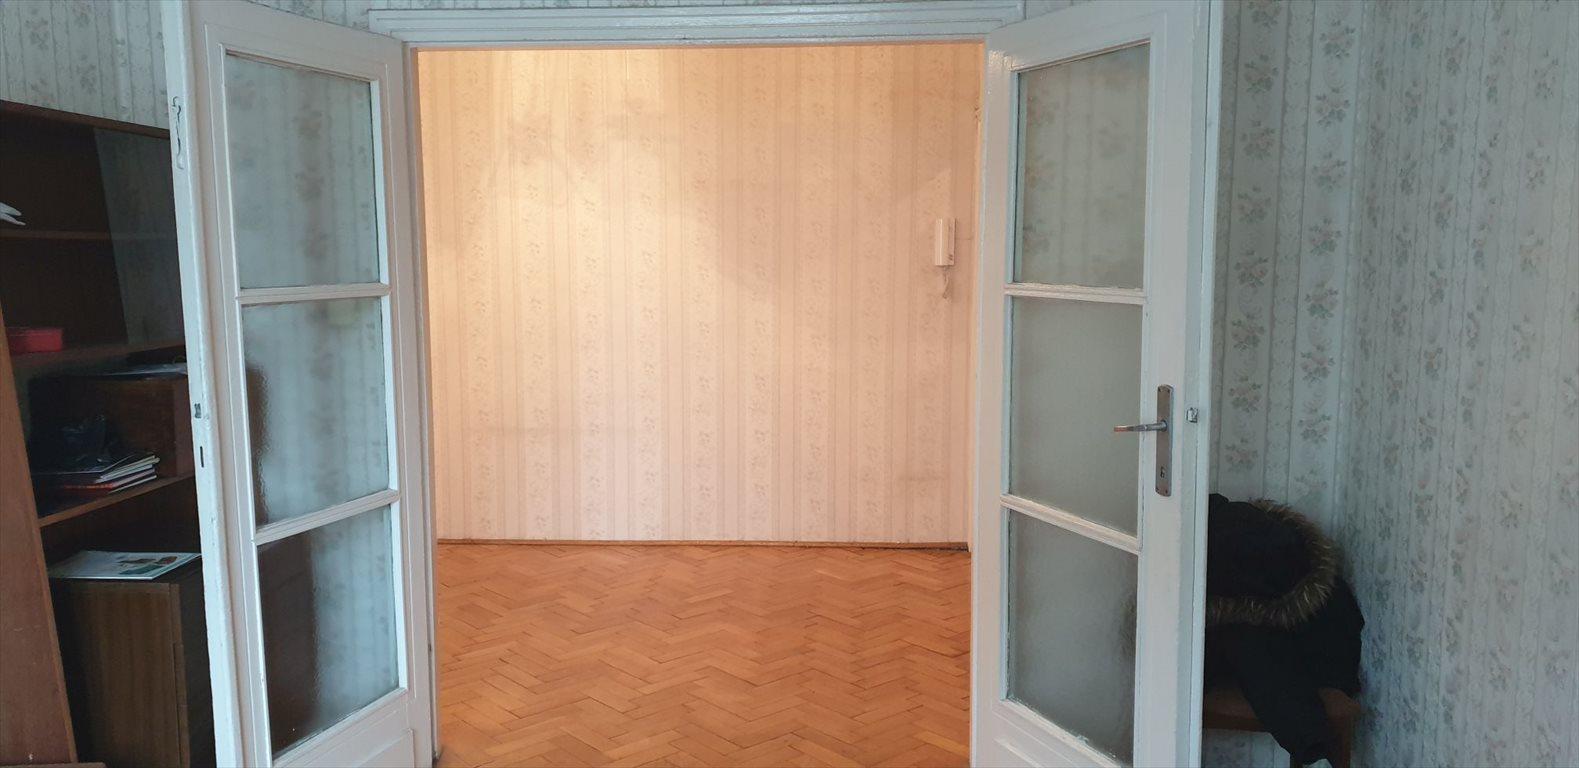 Mieszkanie trzypokojowe na sprzedaż Warszawa, Śródmieście, Warecka/ Nowy Świat  64m2 Foto 9